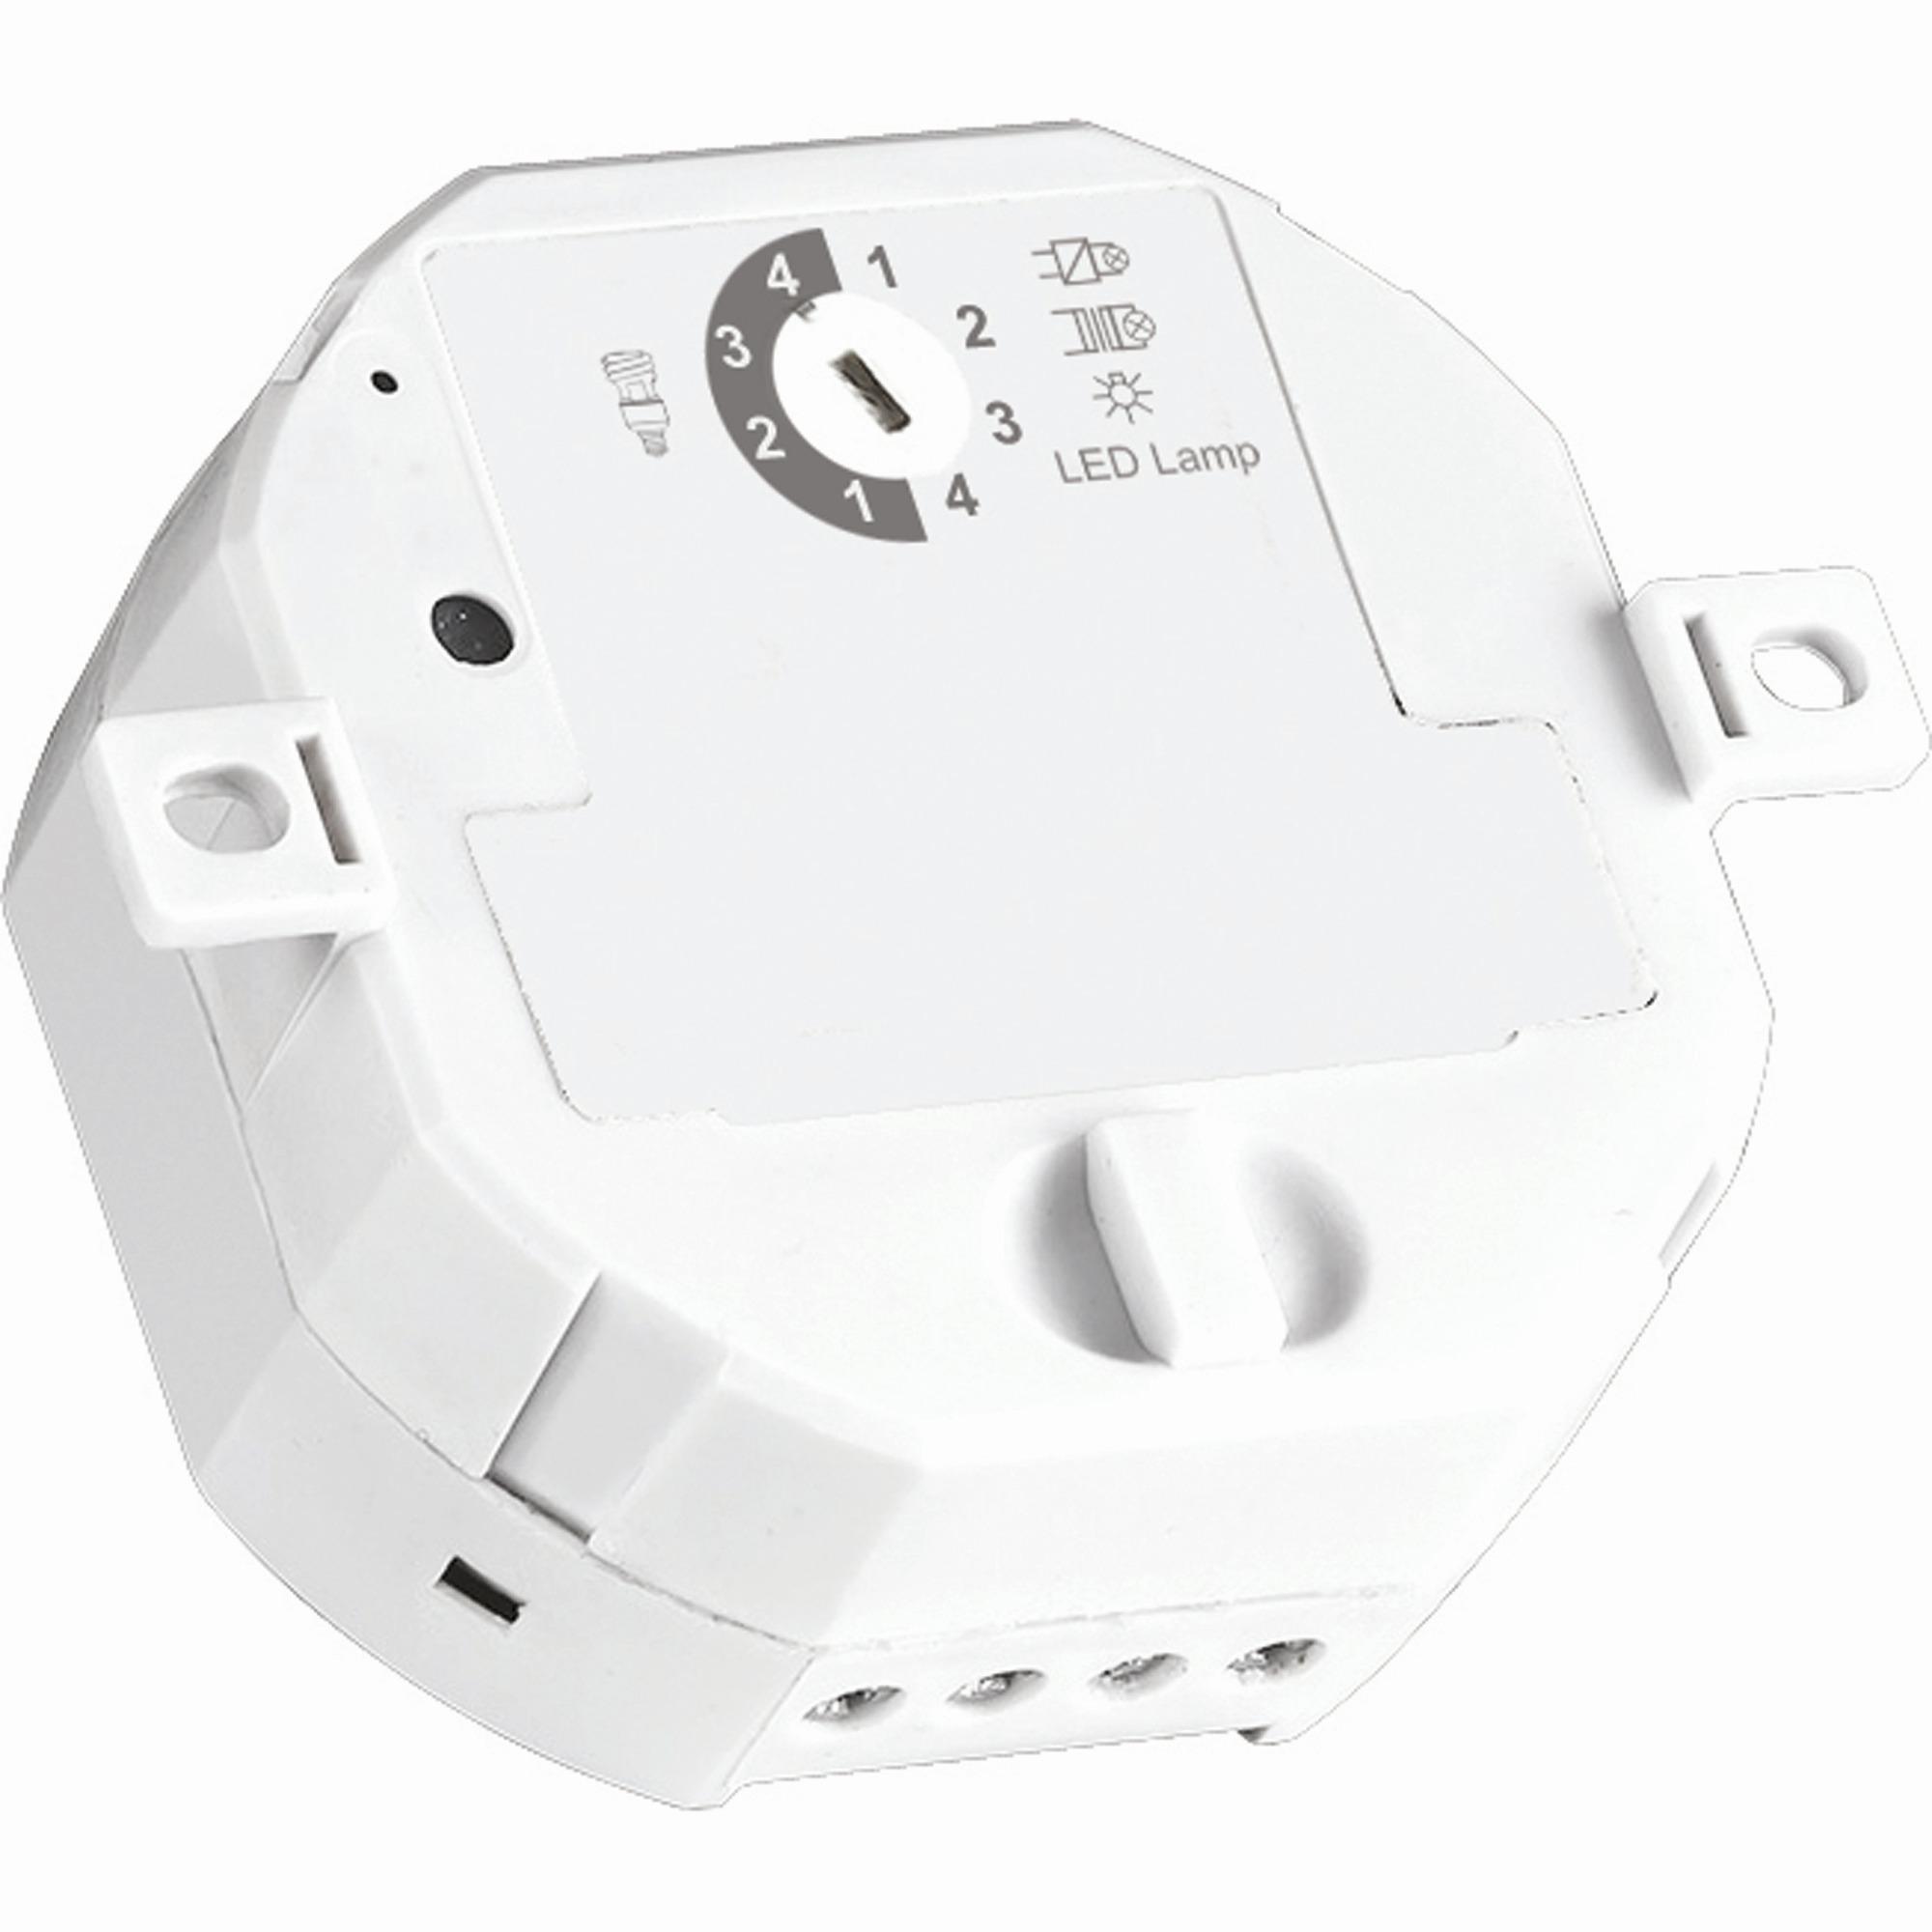 Kaku inbouwdimmer/schakelaar ACM-100